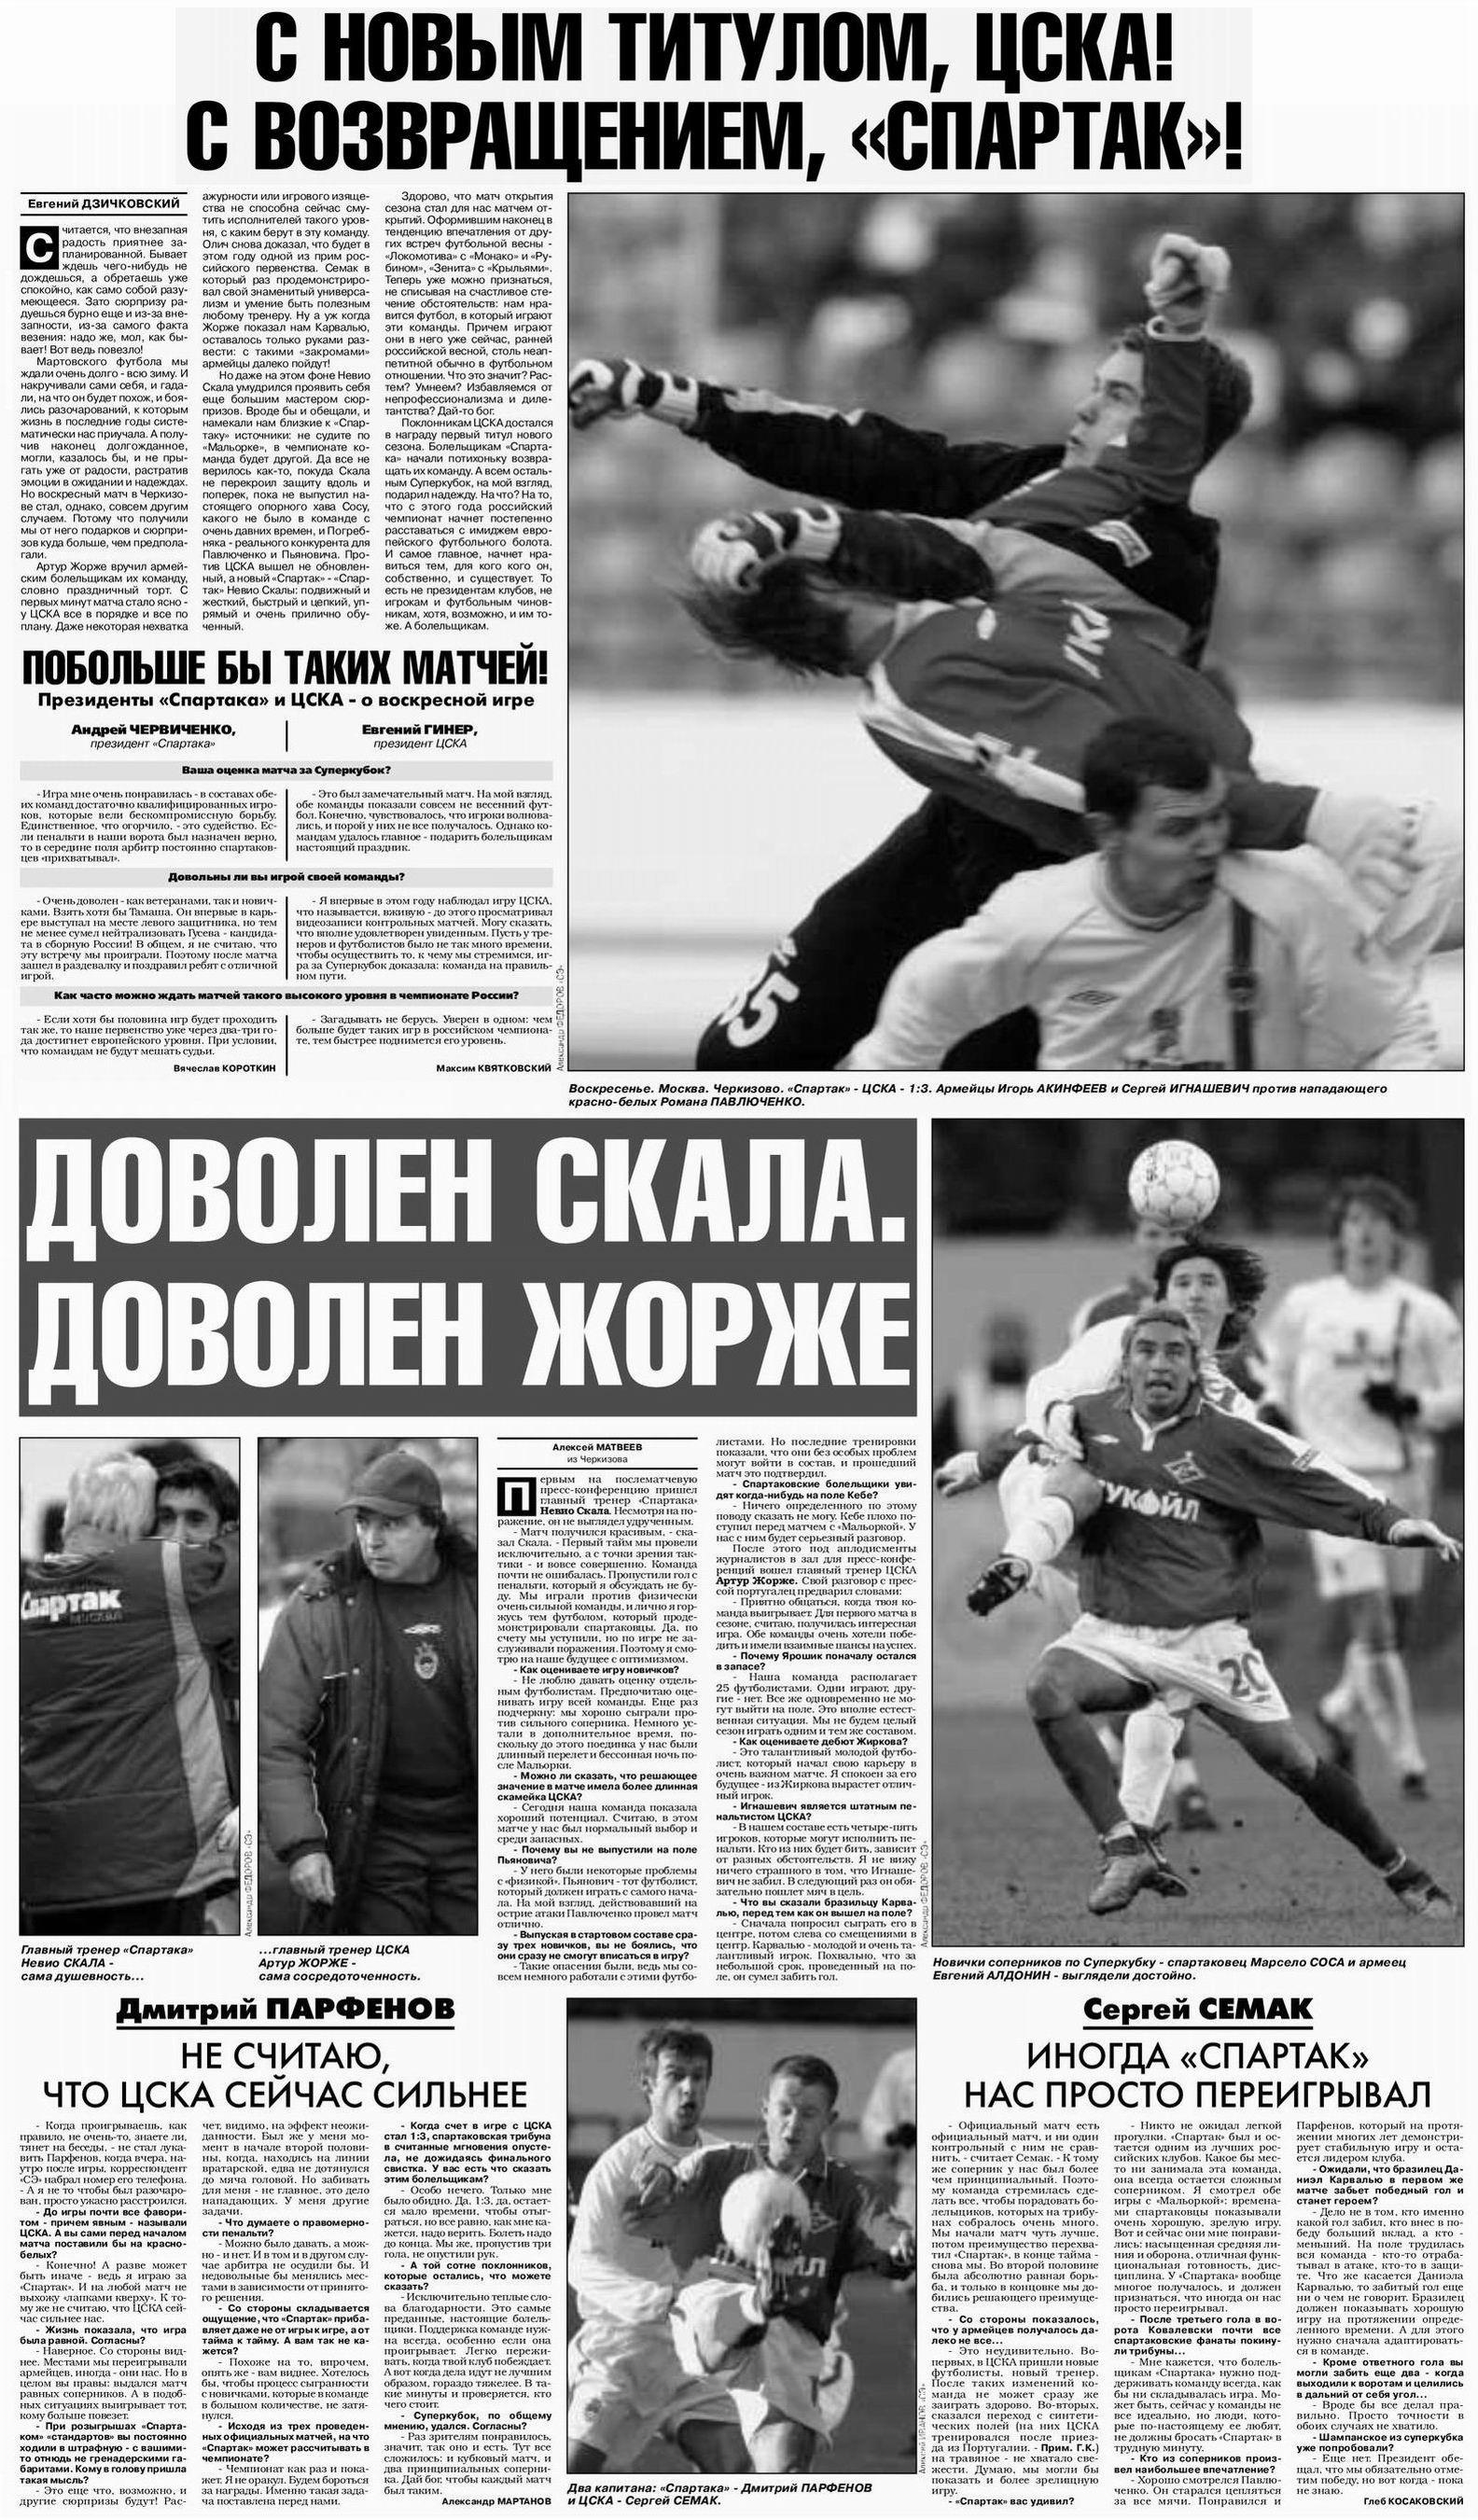 ПРОГНОЗЫ  СпортЭкспресс Футбол Хоккей Лиги премьер